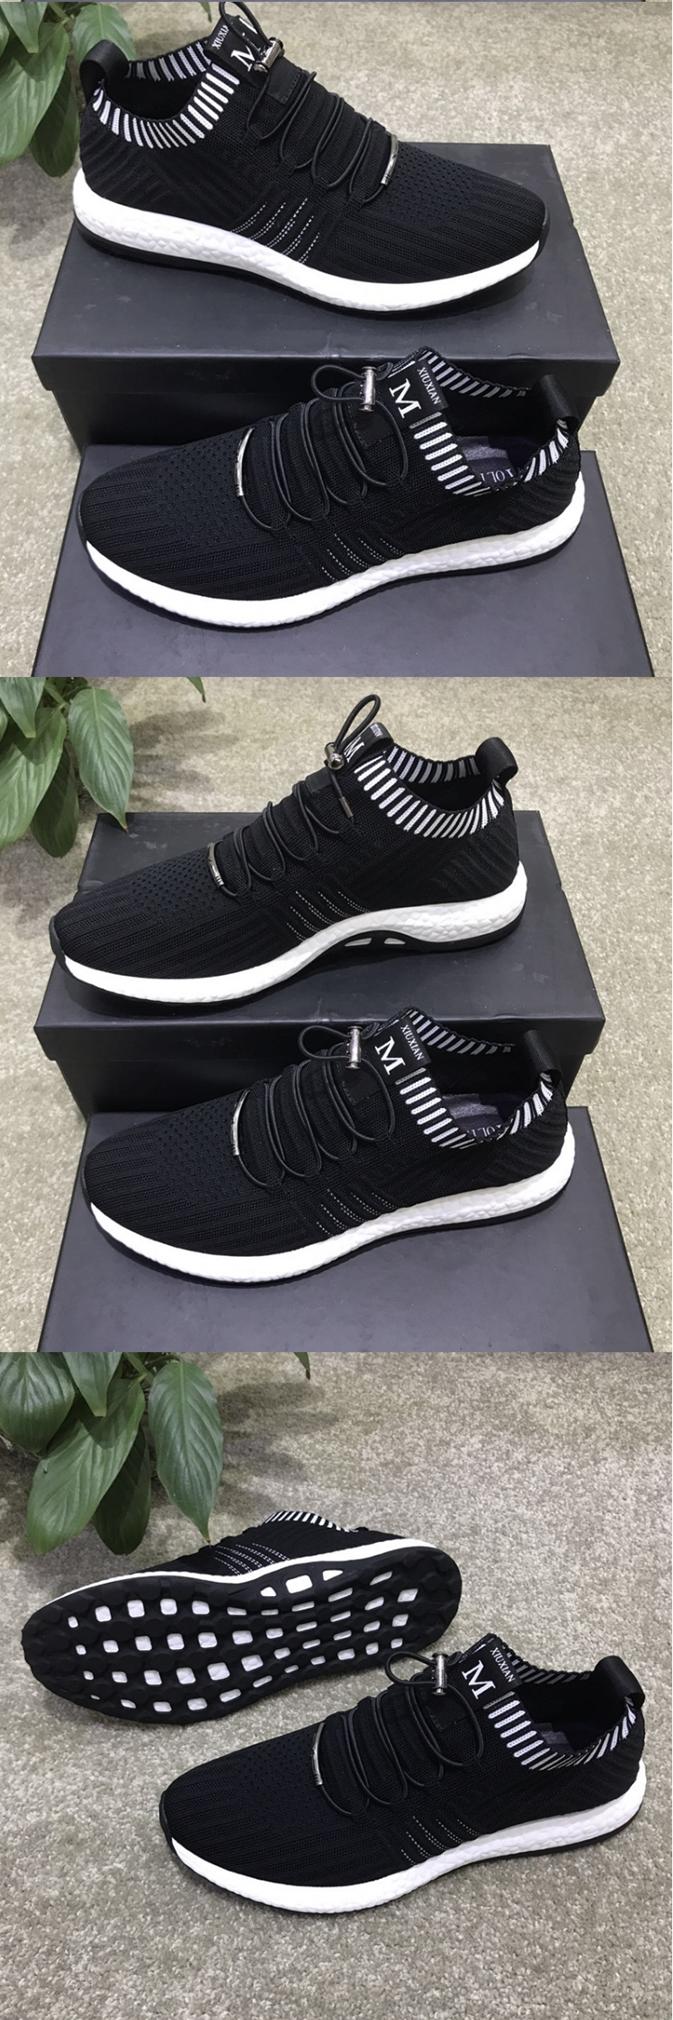 รองเท้าชาย รองเท้าวิ่งแบบตาข่ายระบายอากาศ